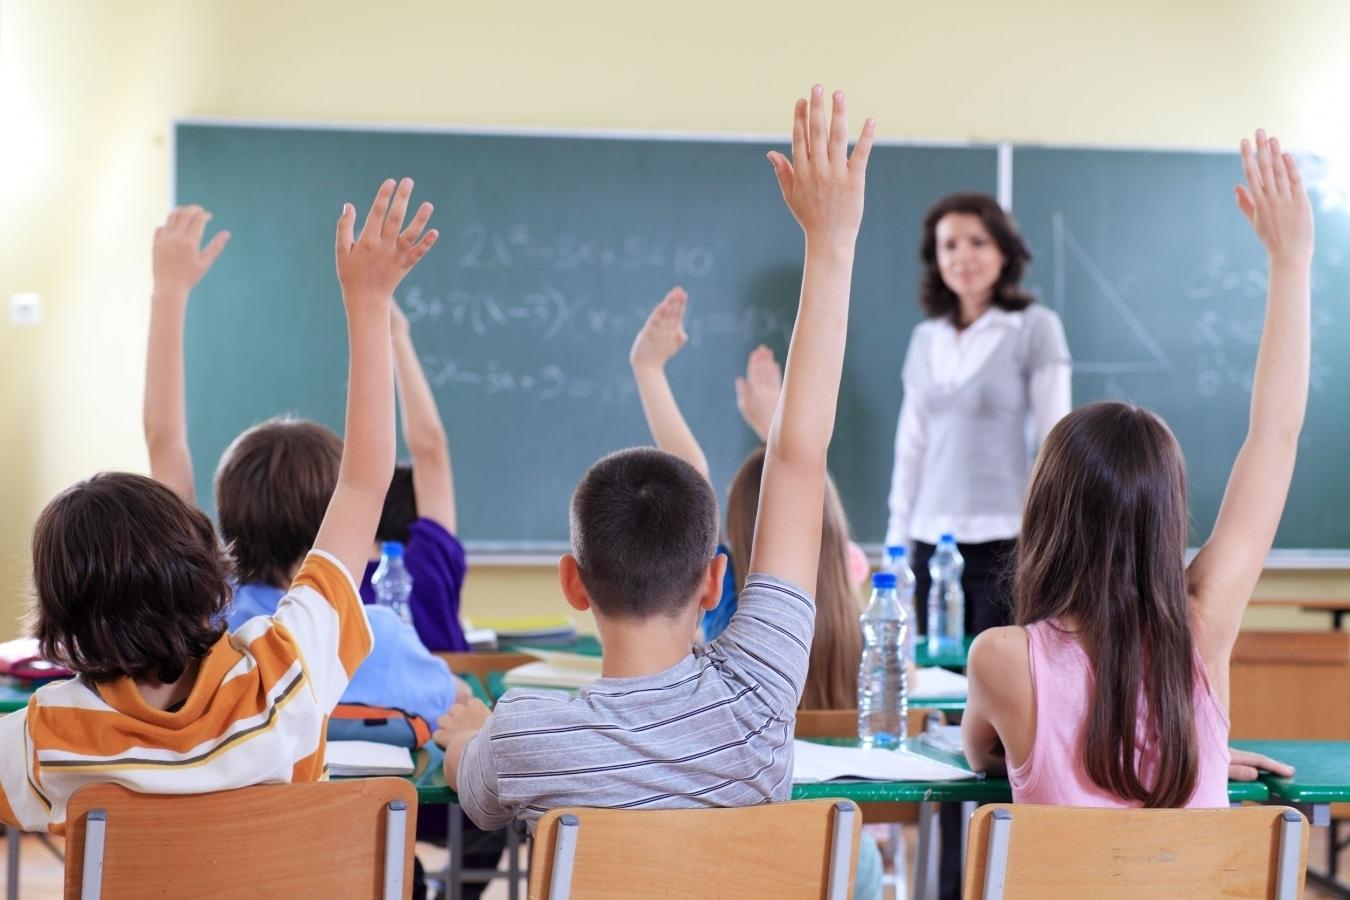 De ce reactionează liceenii la articolele despre educaţie